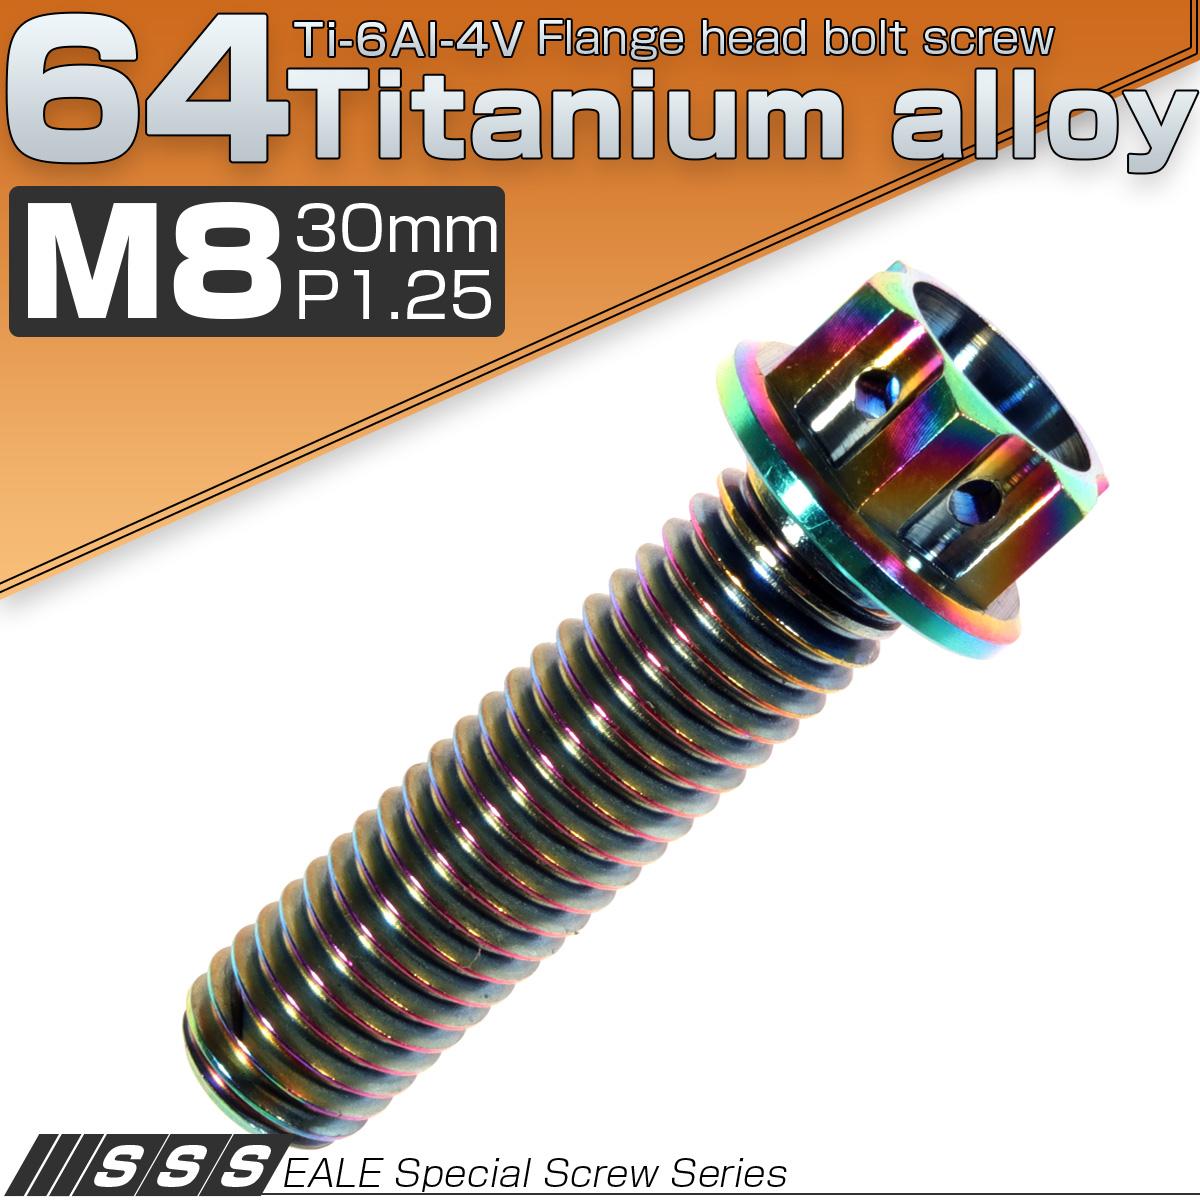 64チタン製 M8×30mm P1.25 六角ボルト フランジ付き カッティングヘッド 焼きチタン風 虹色 Ti6AI-4V JA061